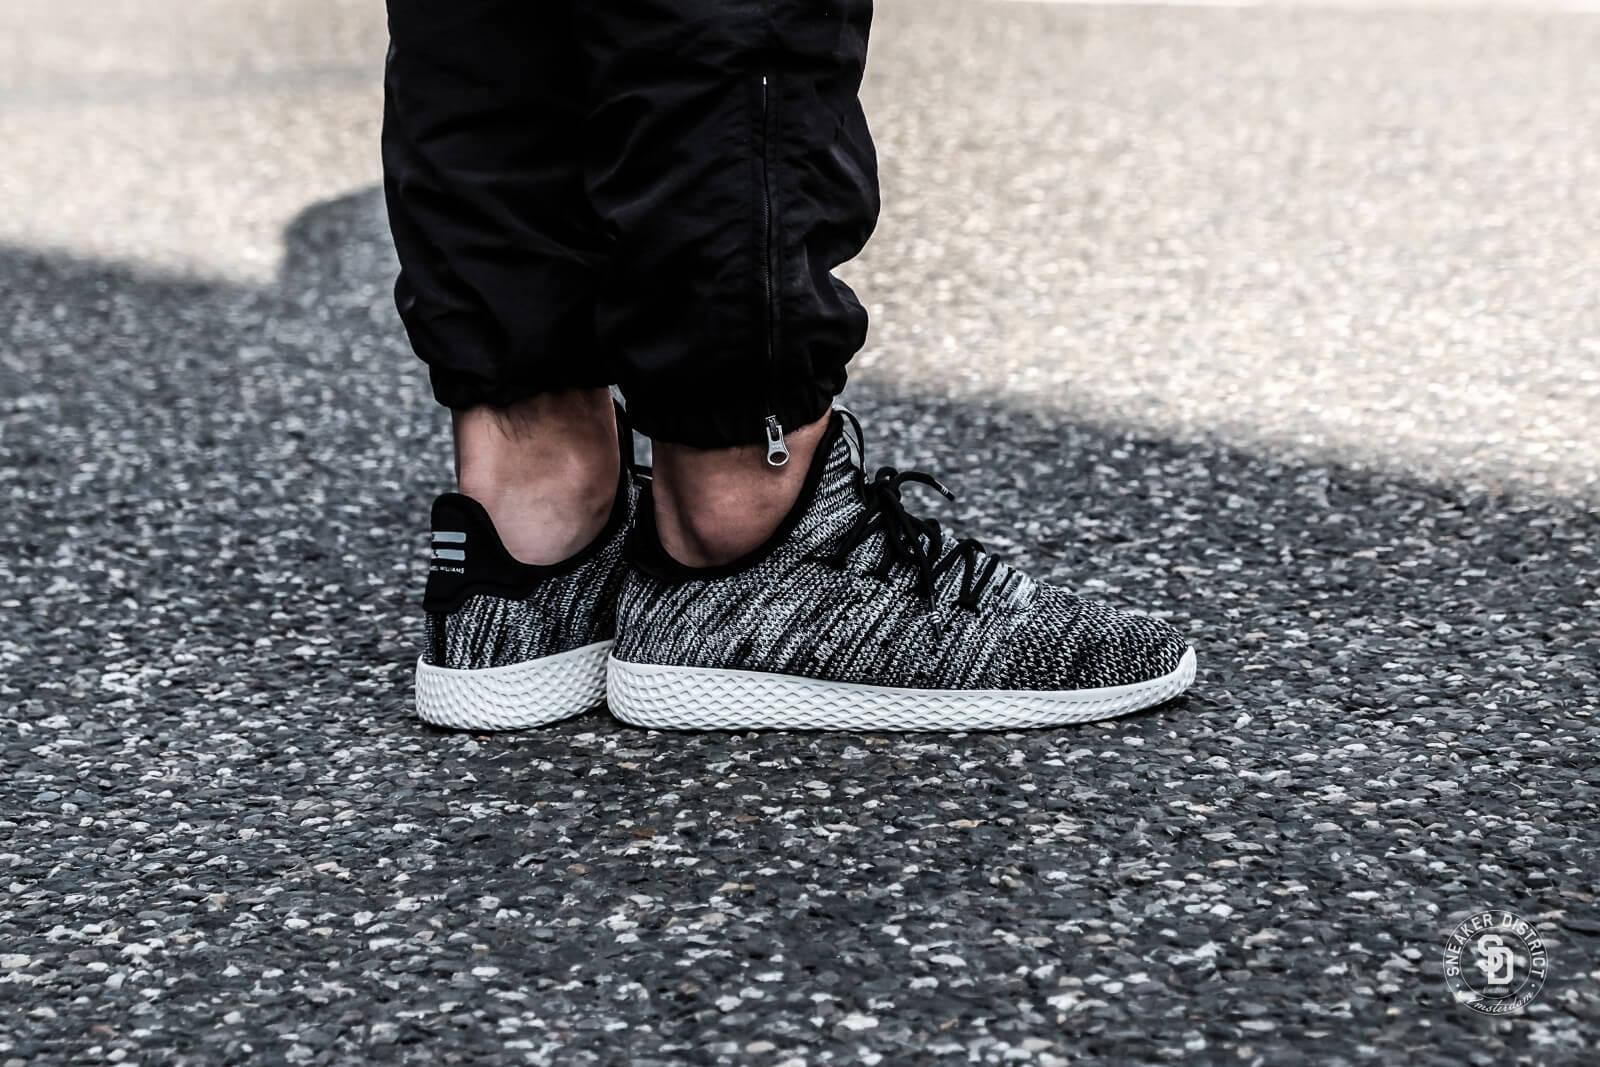 Adidas x Pharrell WIlliams HU Primeknit